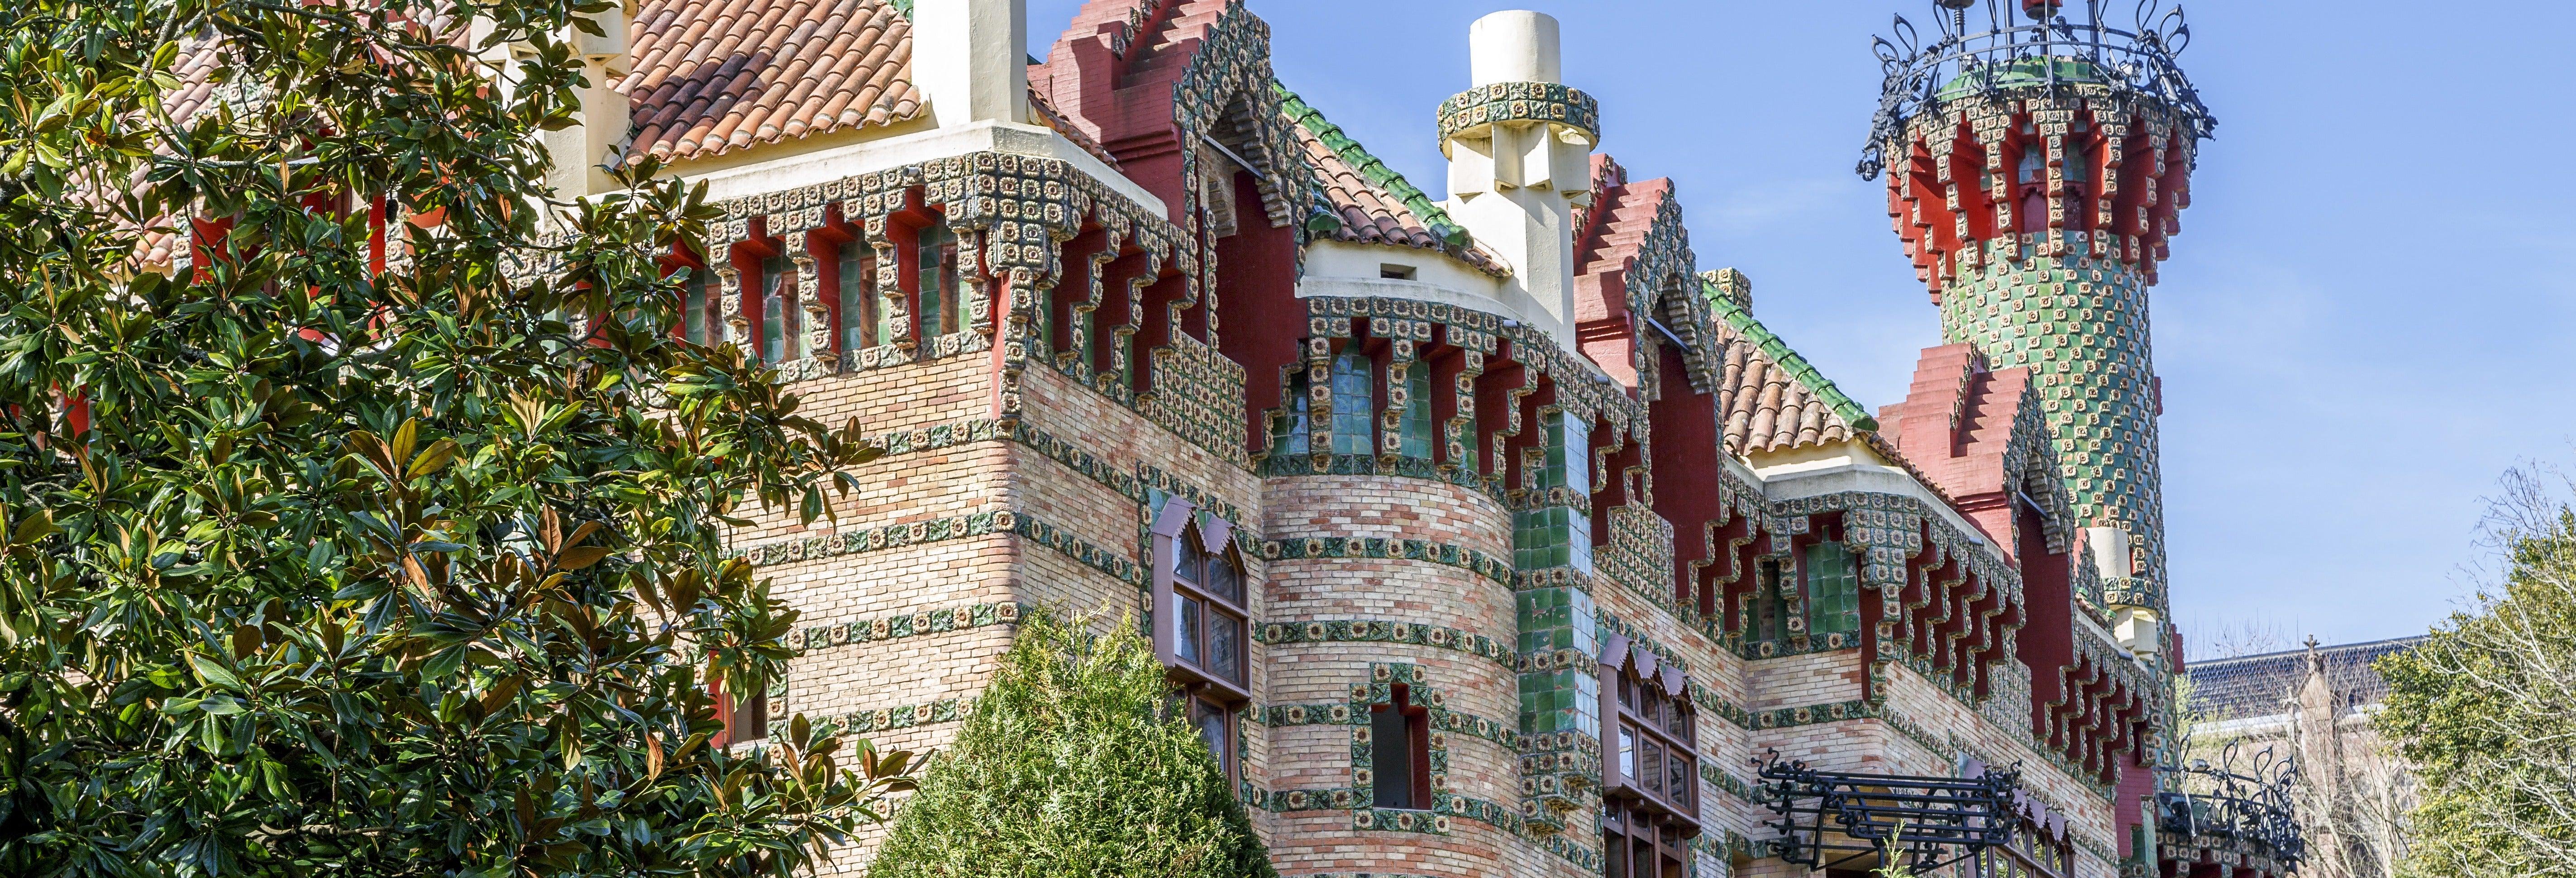 """Excursão a Comillas e à """"Capricho de Gaudí"""""""